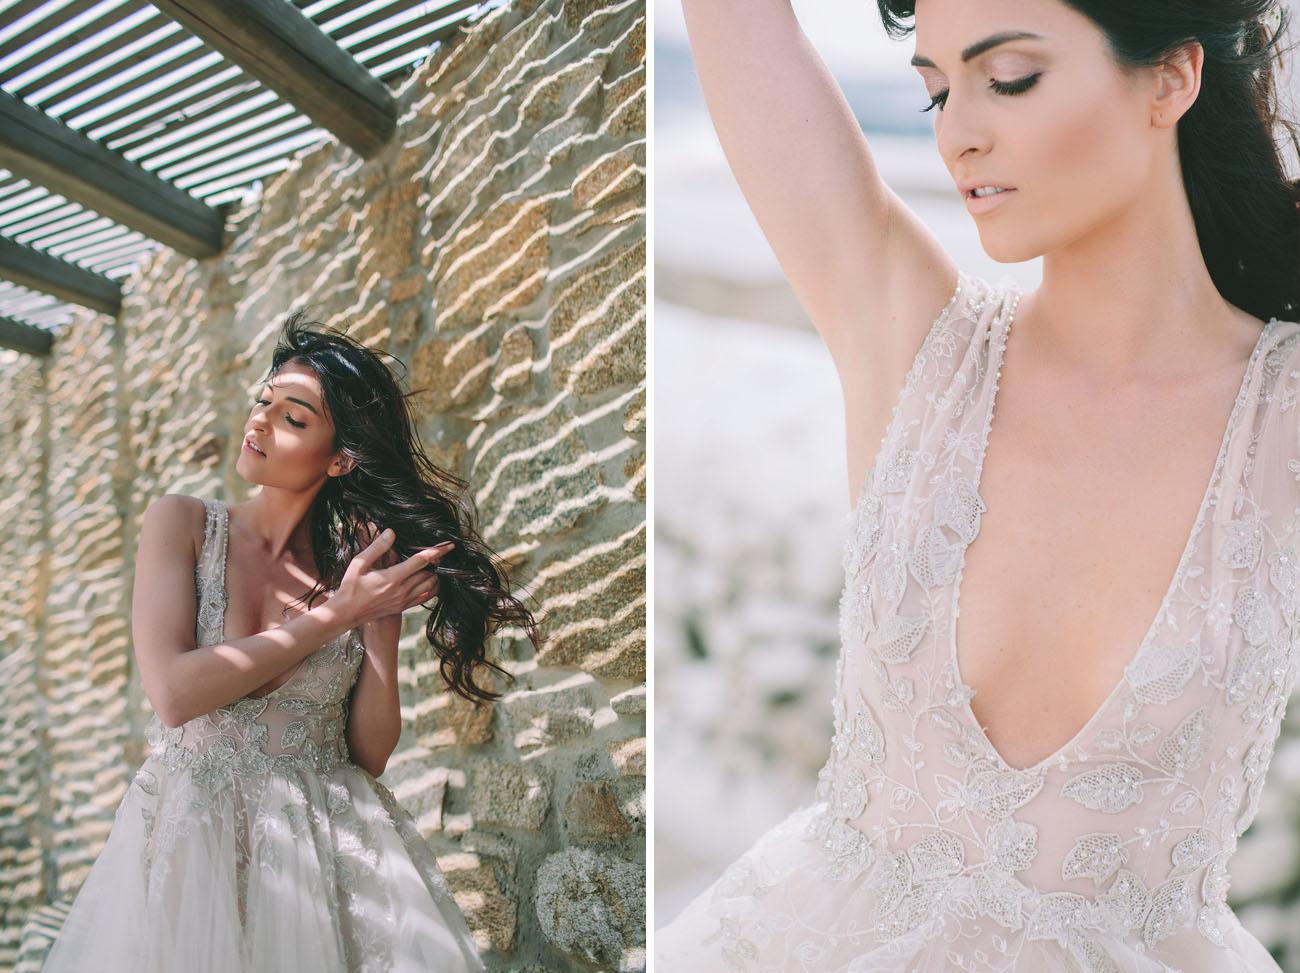 Kathy Heyndels Dress